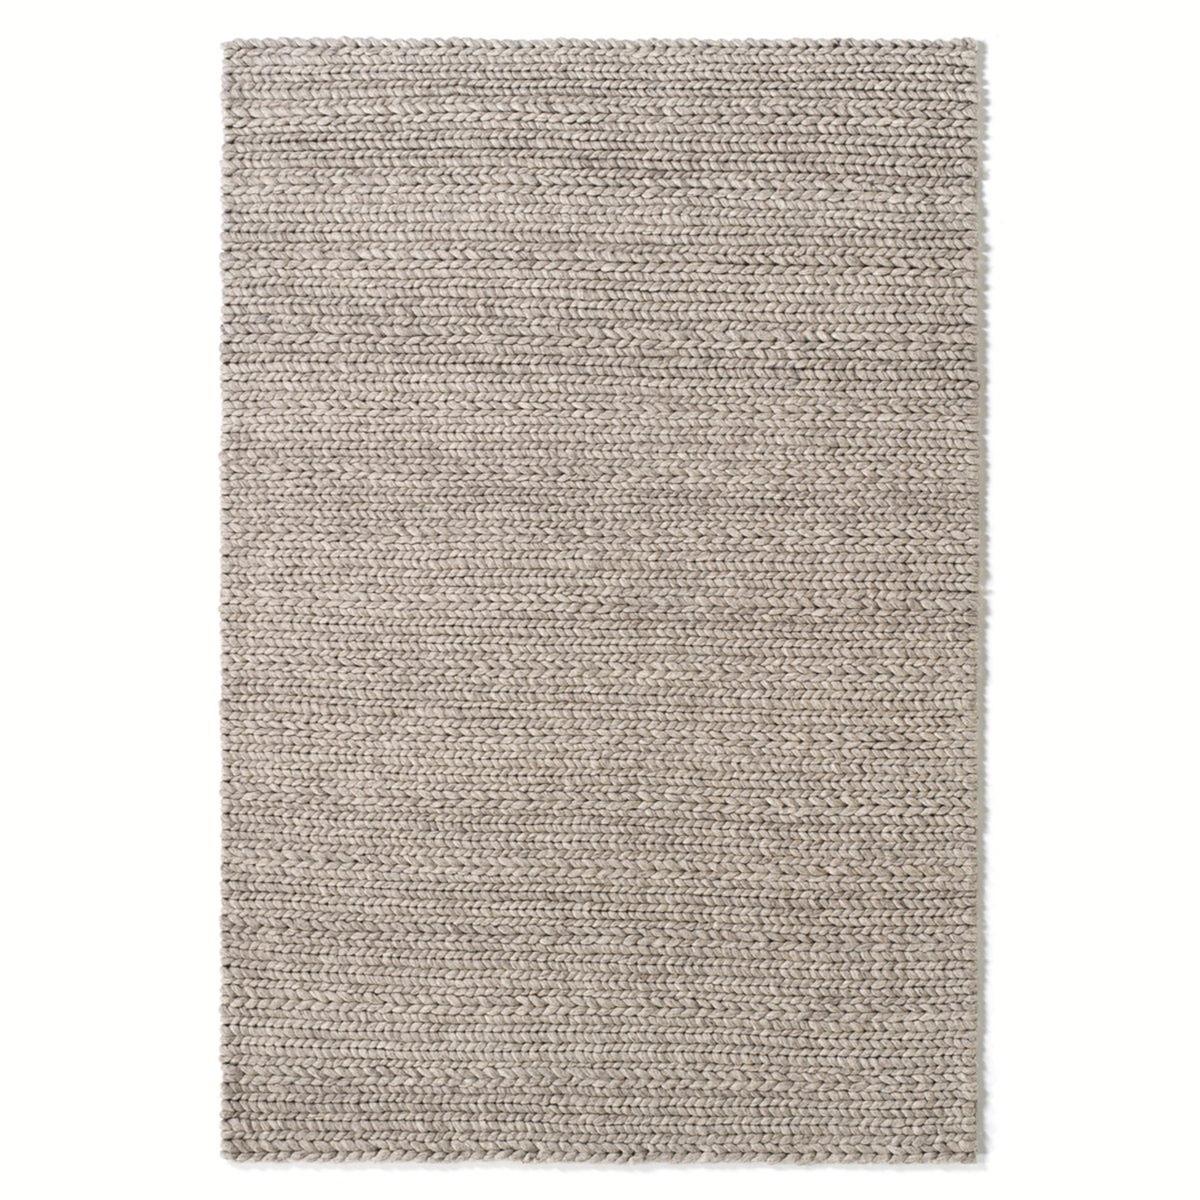 Ковер LaRedoute Из 100 шерсти Diano эффект вязки 200 x 290 см бежевый